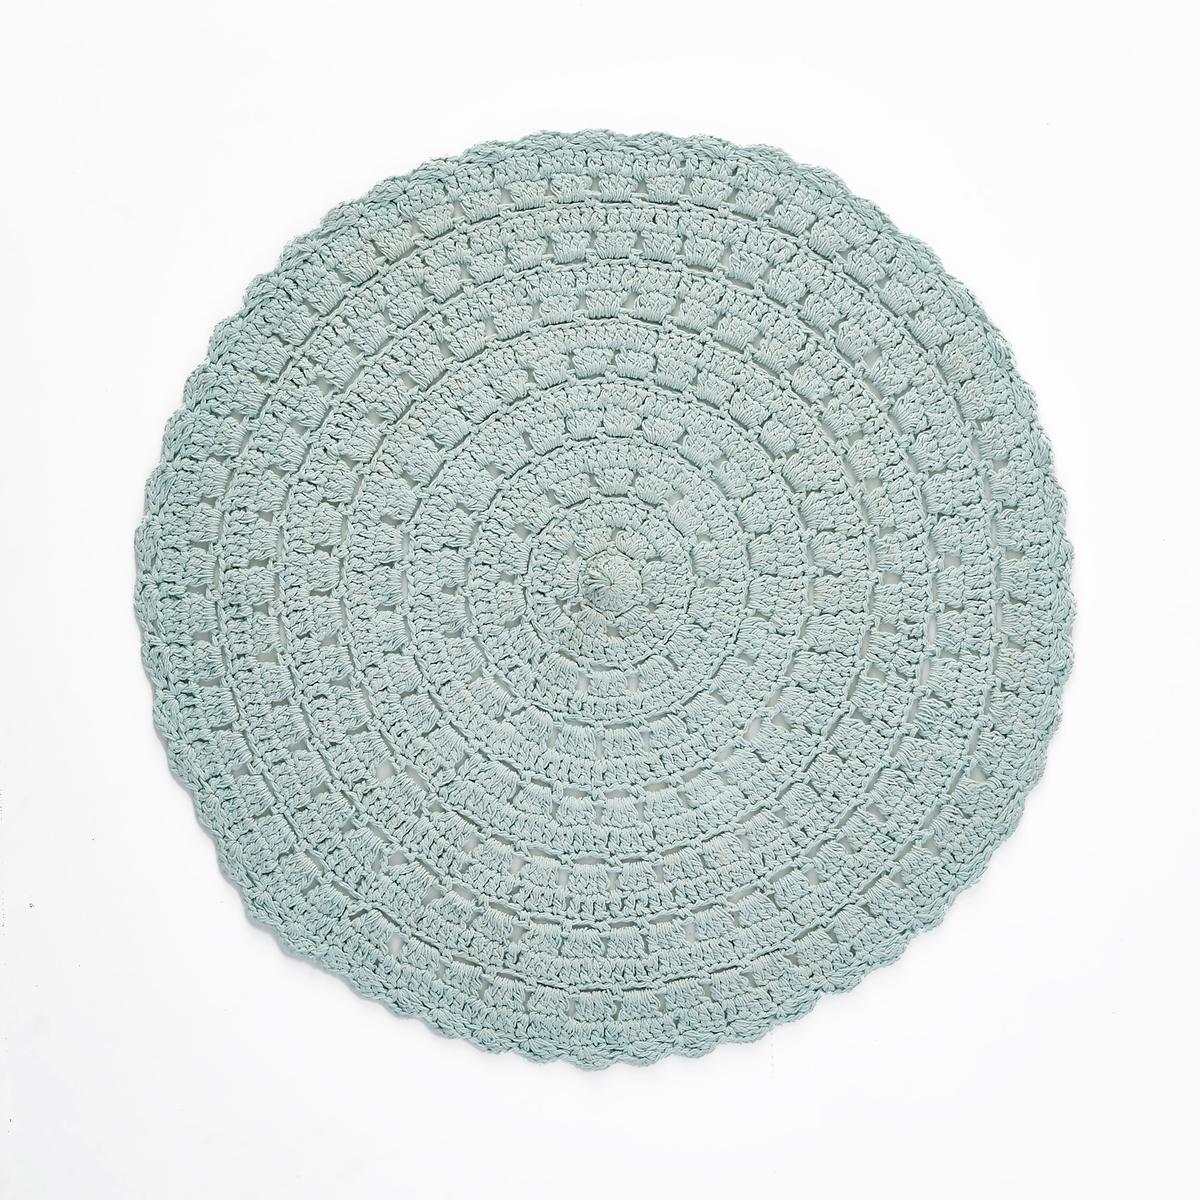 Ковер круглый, связанный крючком, WikuКруглый ковер, связанный крючком, Wiku. Поэтический внешний вид в стиле ретро, ковер, связанный крючком, создает эксклюзивную и трогательную атмосферу.     Характеристики круглого ковра, связанного крючком, Wiku :100% хлопок. Другие модели ковров вы можете найти на сайте laredoute.ru.Размеры круглого ковра, связанного крючком, Wiku :Диаметр 100 см.<br><br>Цвет: бледно-зеленый<br>Размер: диаметр 100 см